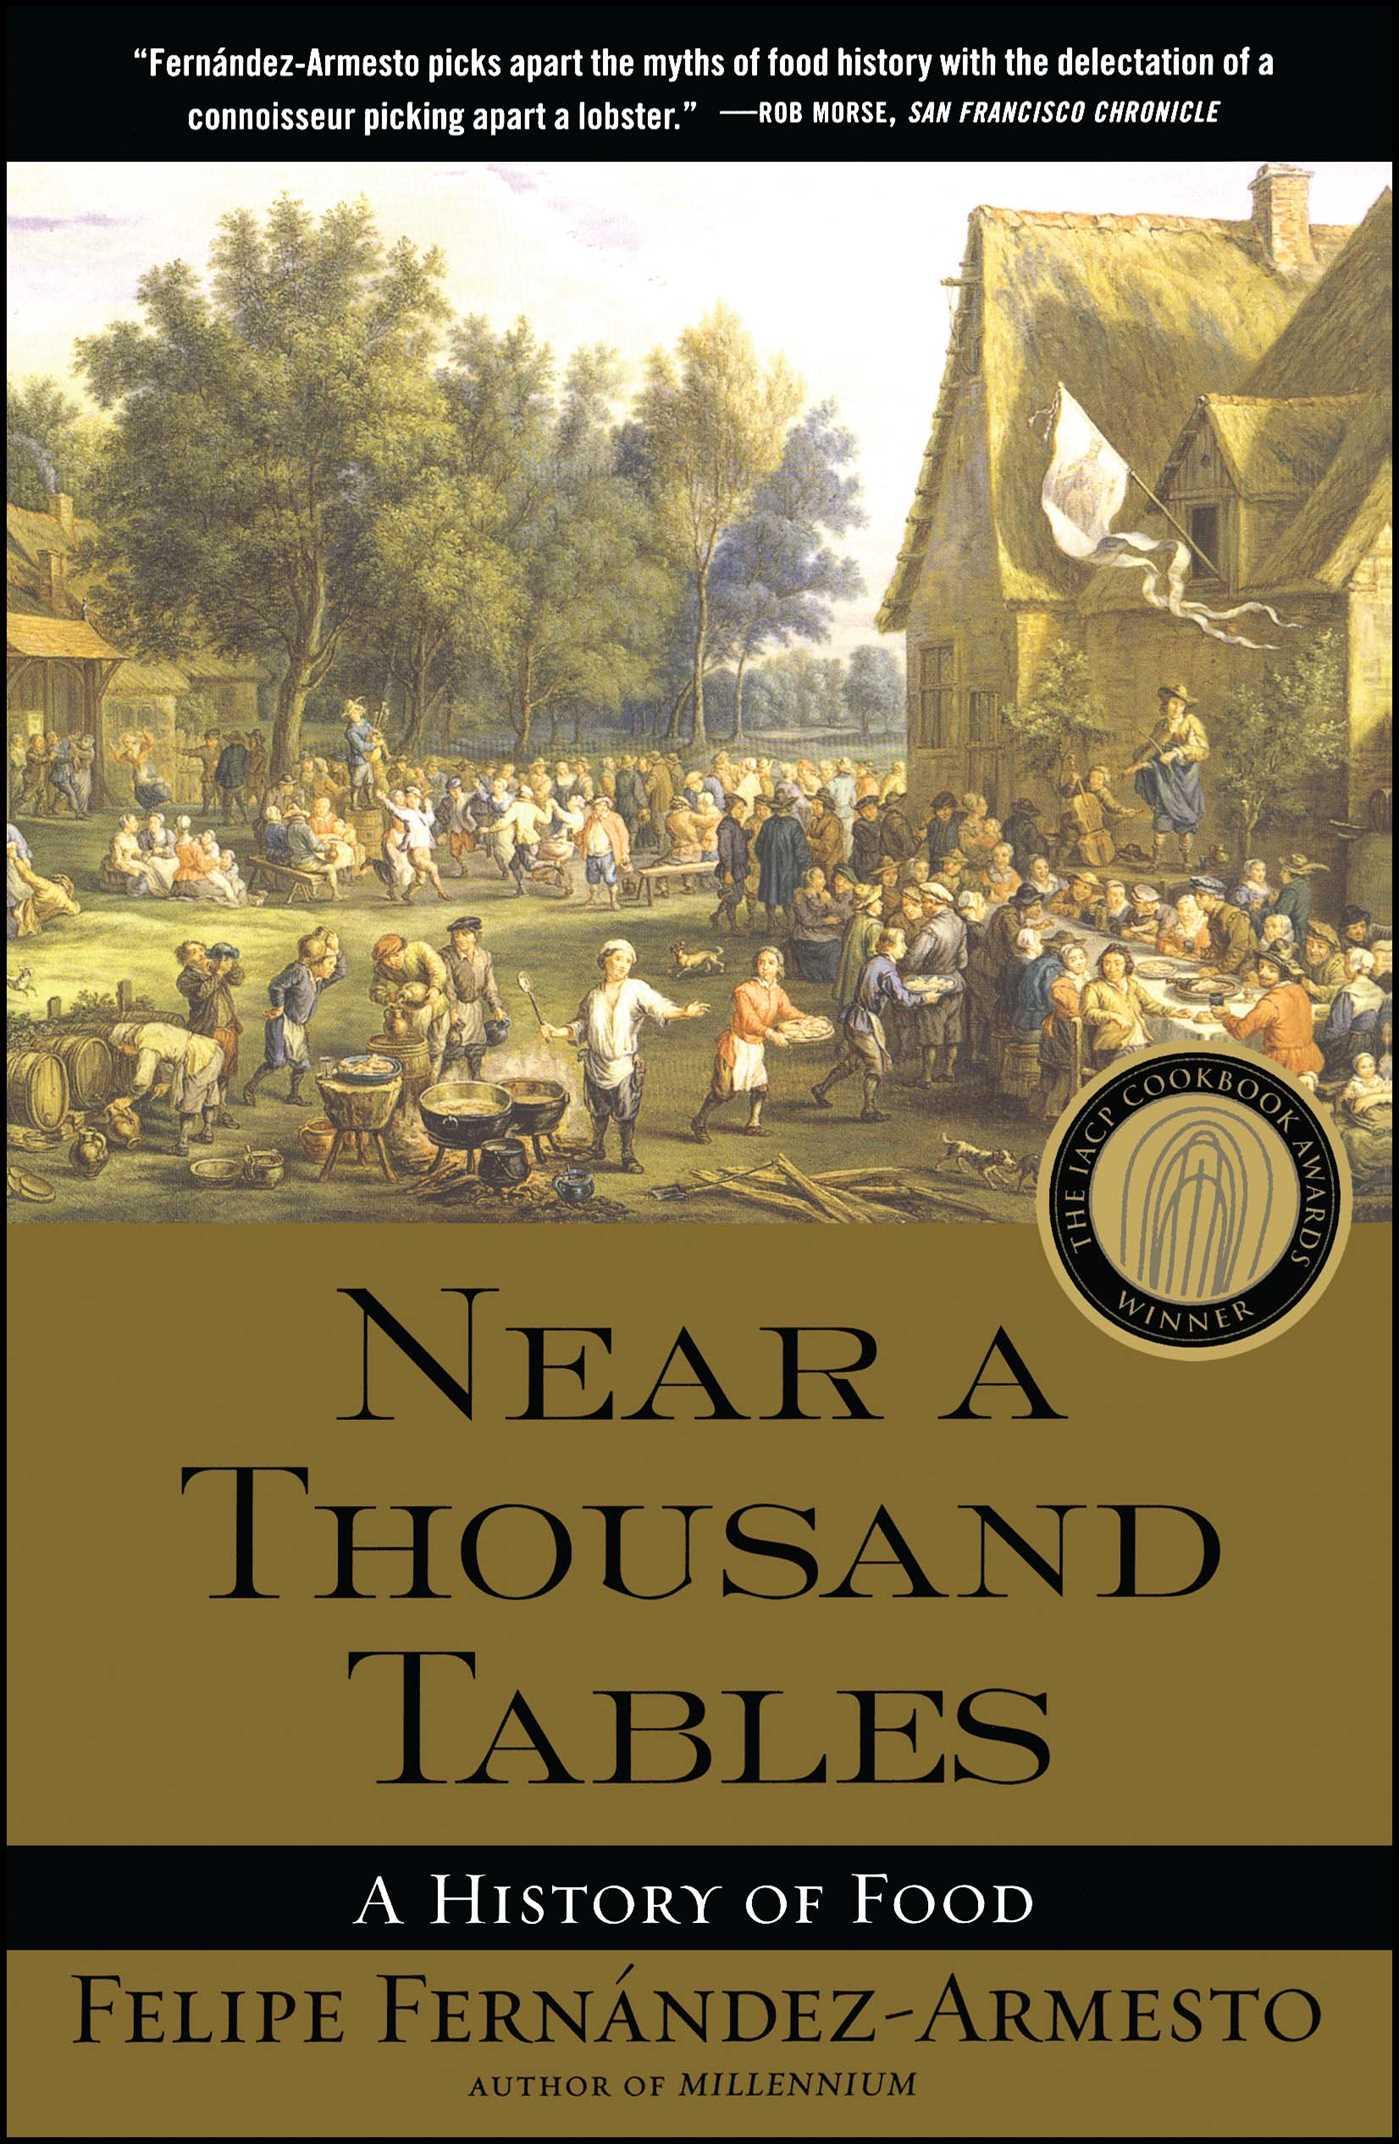 Near a thousand tables 9780743234153 hr